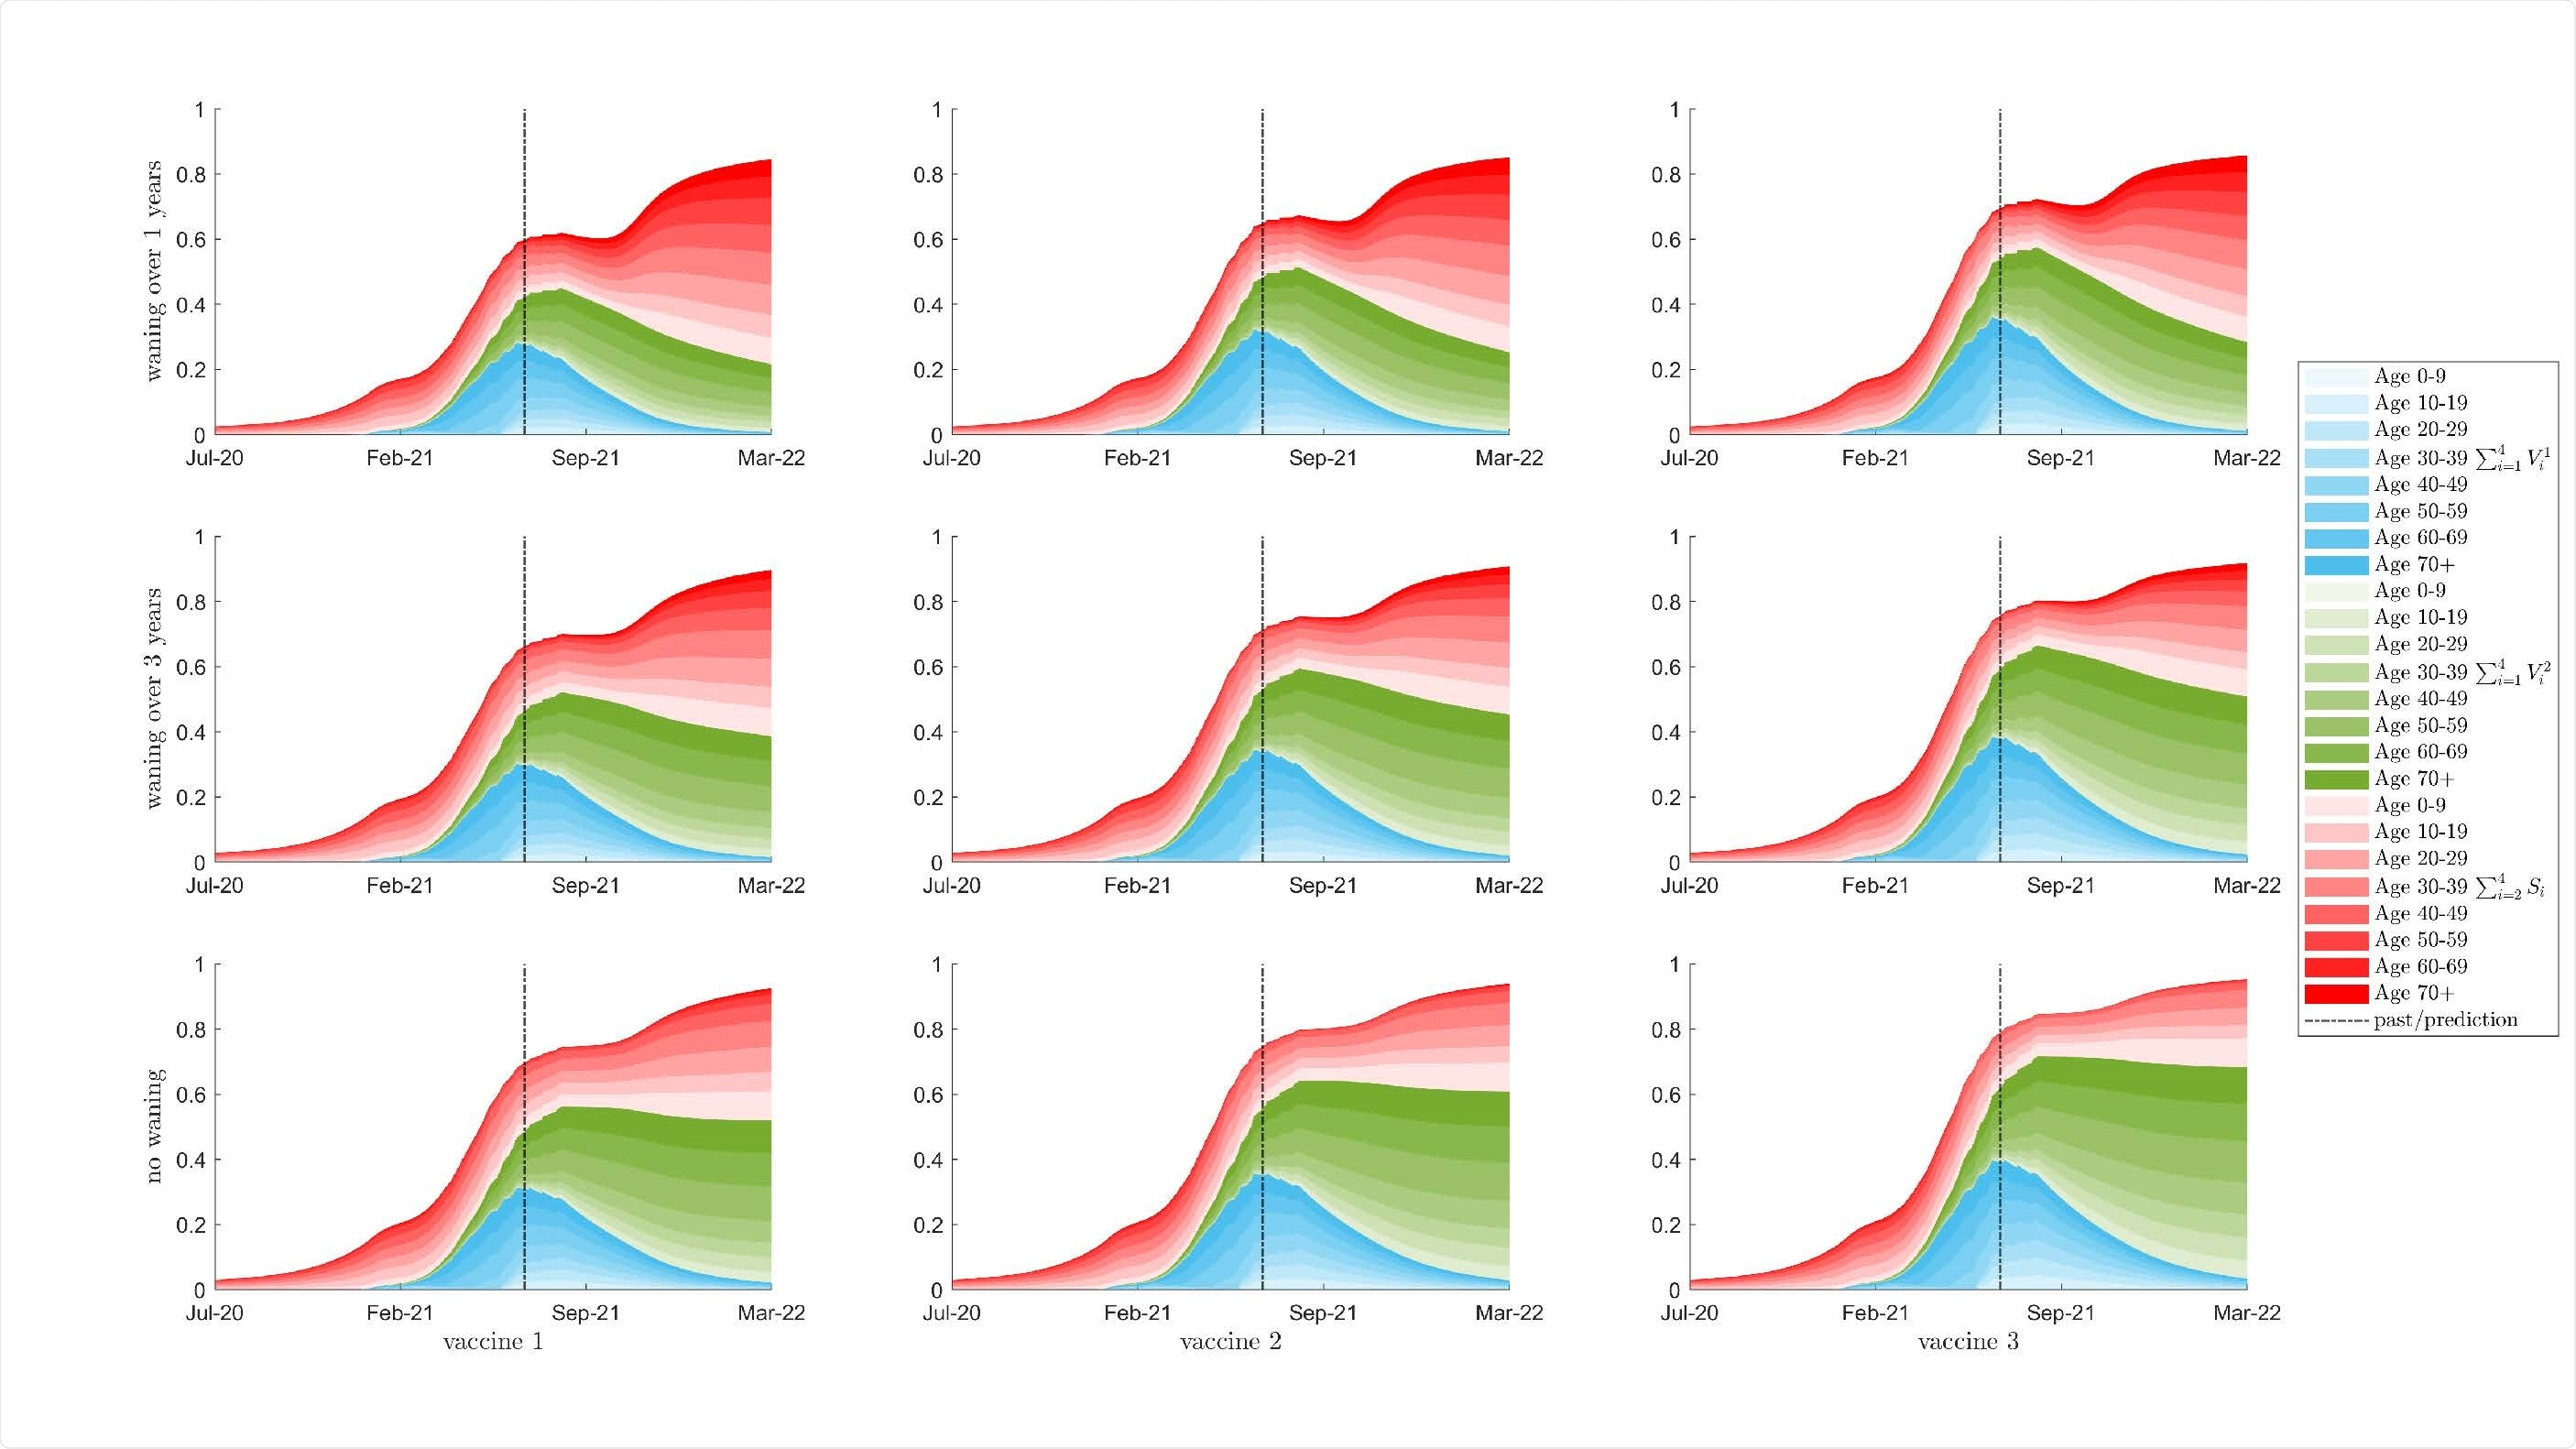 La séroprévalence en pourcentage de la population totale pour les classes d'âge de 10 ans est indiquée avec une intensité de couleur correspondant à la classe d'âge, en supposant qu'il n'y a pas de relaxation dans ?.  La zone rouge est la somme des classes sensibles qui ont été exposées au virus, soit par infection naturelle, soit par diminution des classes vaccinées.  Les régions bleue et verte montrent respectivement les populations des classes vaccinées à la première et à la deuxième dose.  La population totale avec une certaine immunité (le haut de la région rouge) est égale à la somme verticale des trois régions bleue, rouge et verte.  La rangée du haut montre une diminution de l'immunité d'un an entre les classes consécutives;  la rangée du milieu est en déclin d'immunité de trois ans;  la rangée du bas n'est pas en déclin de l'immunité.  Les colonnes de gauche à droite représentent les vaccins 1 à 3, respectivement.